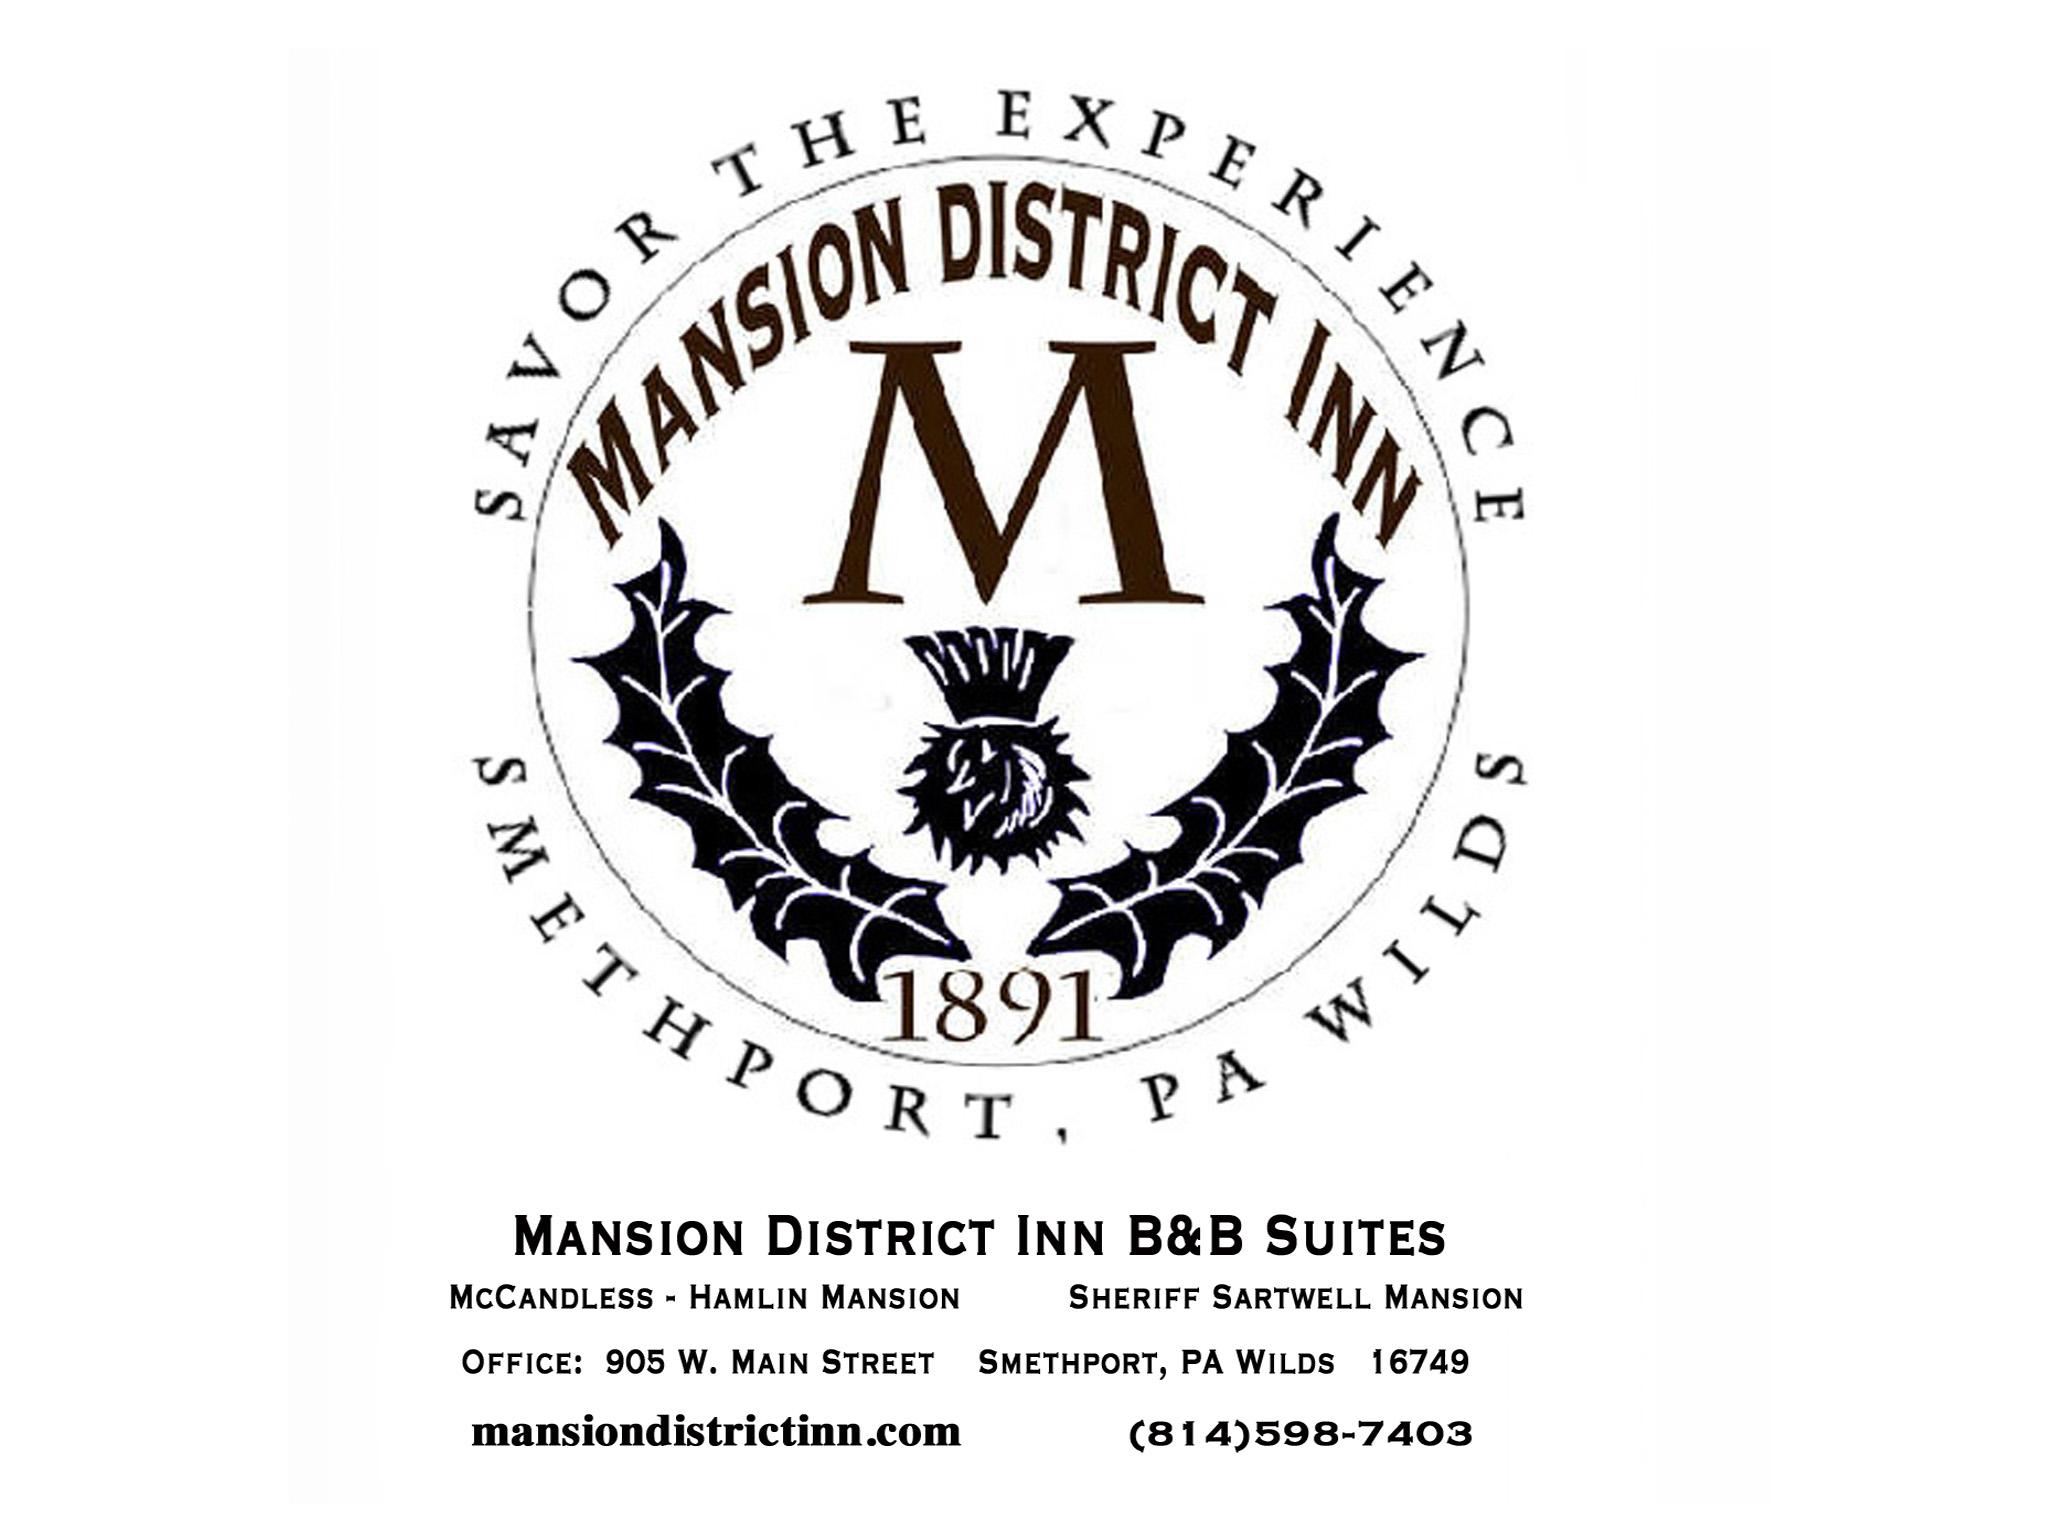 MDI 2propfull logobooking2014